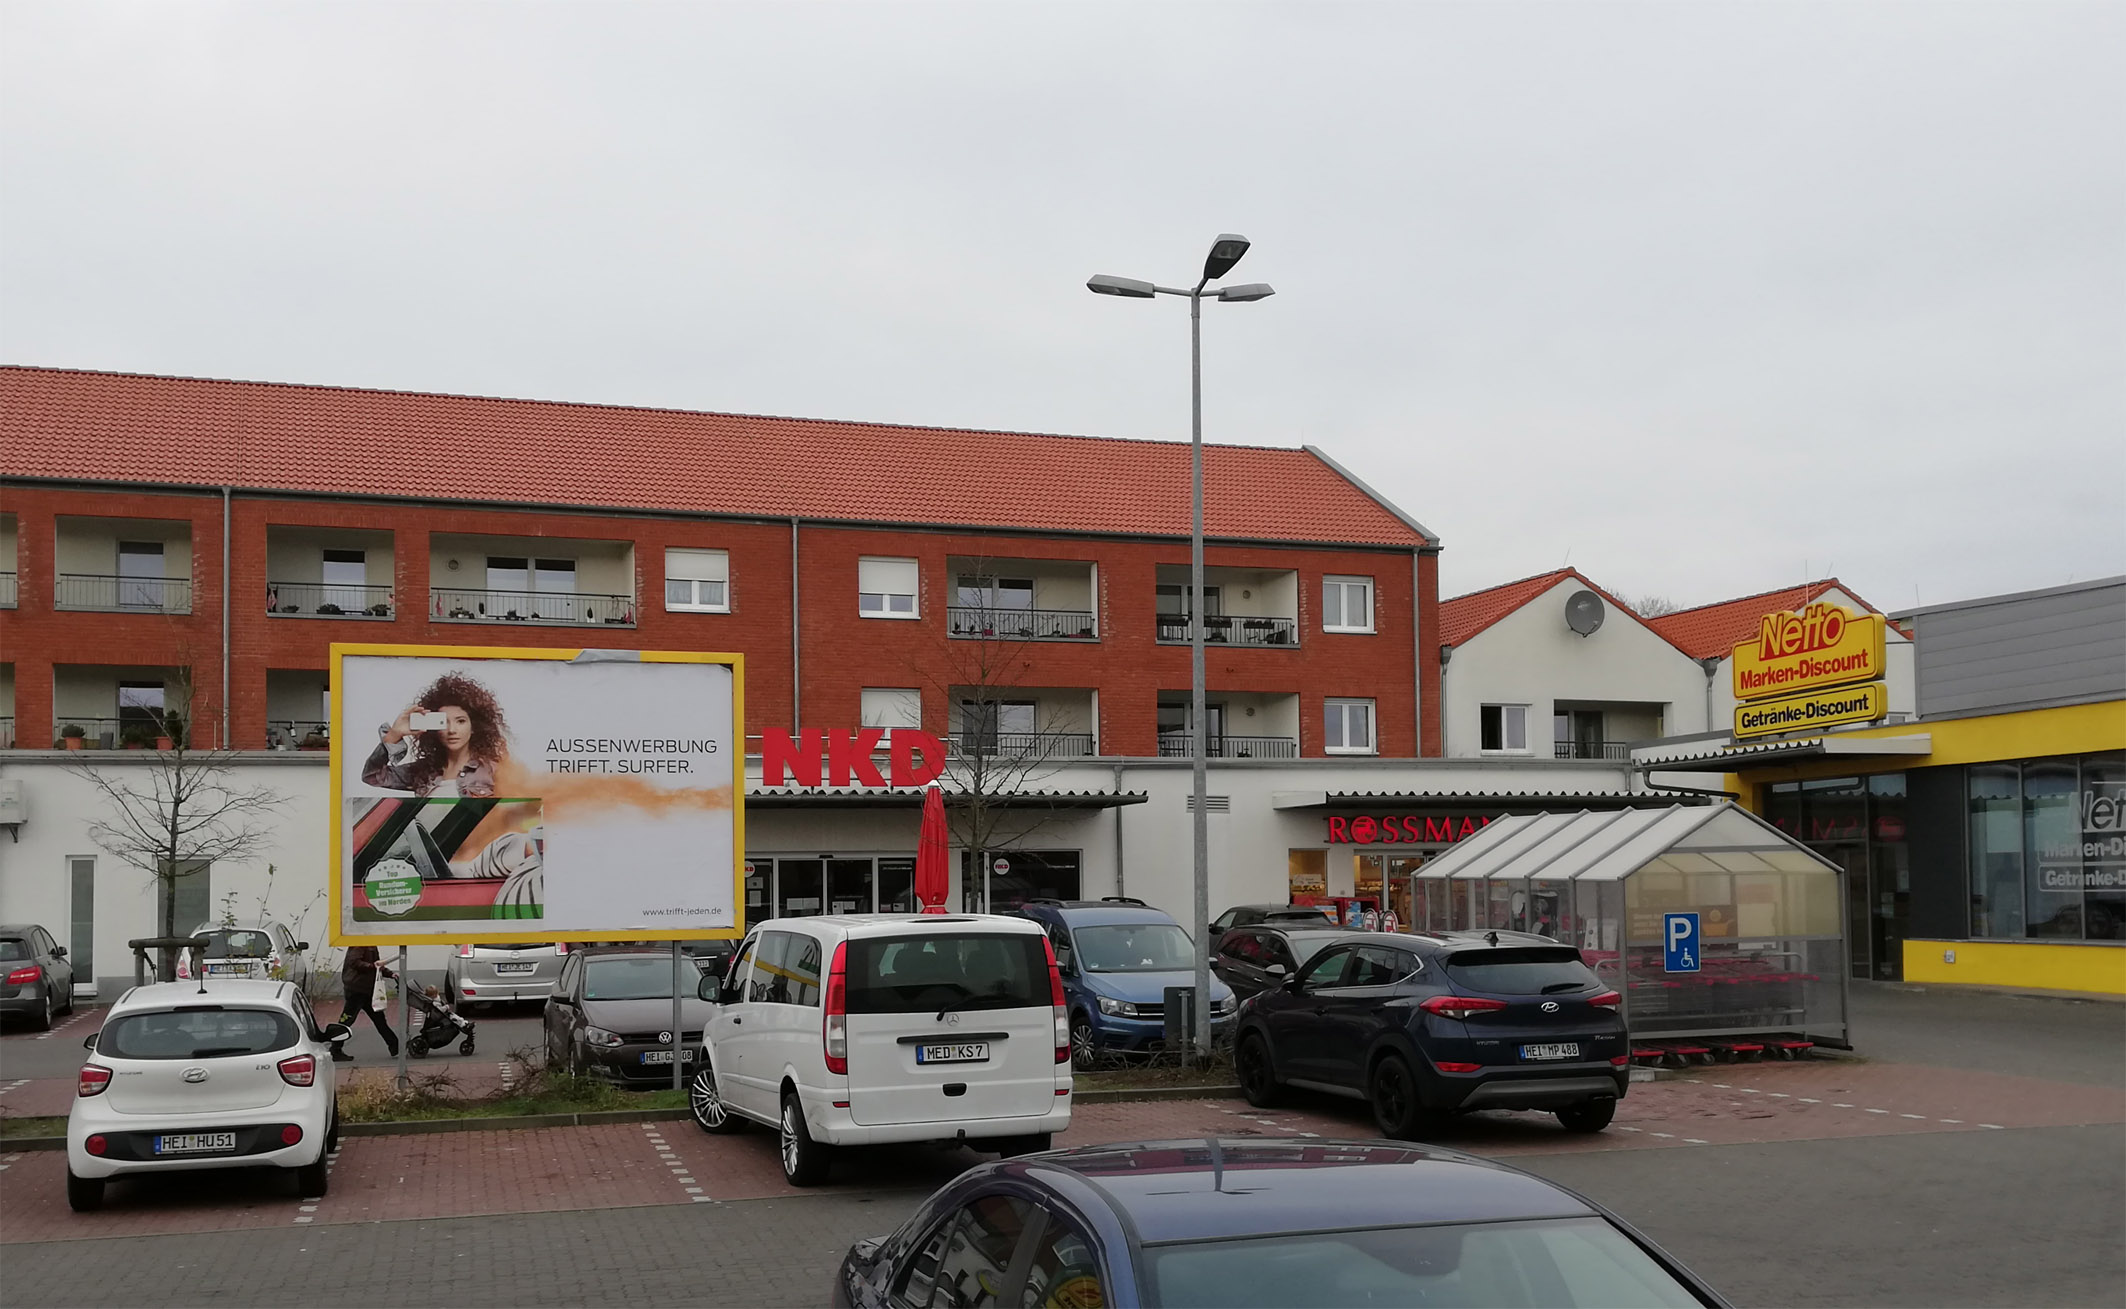 Image for GRR Group erwirbt Fachmarktzentrum mit Wohneinheiten in Marne/Schleswig-Holstein für den GRR German Retail Fund No.3